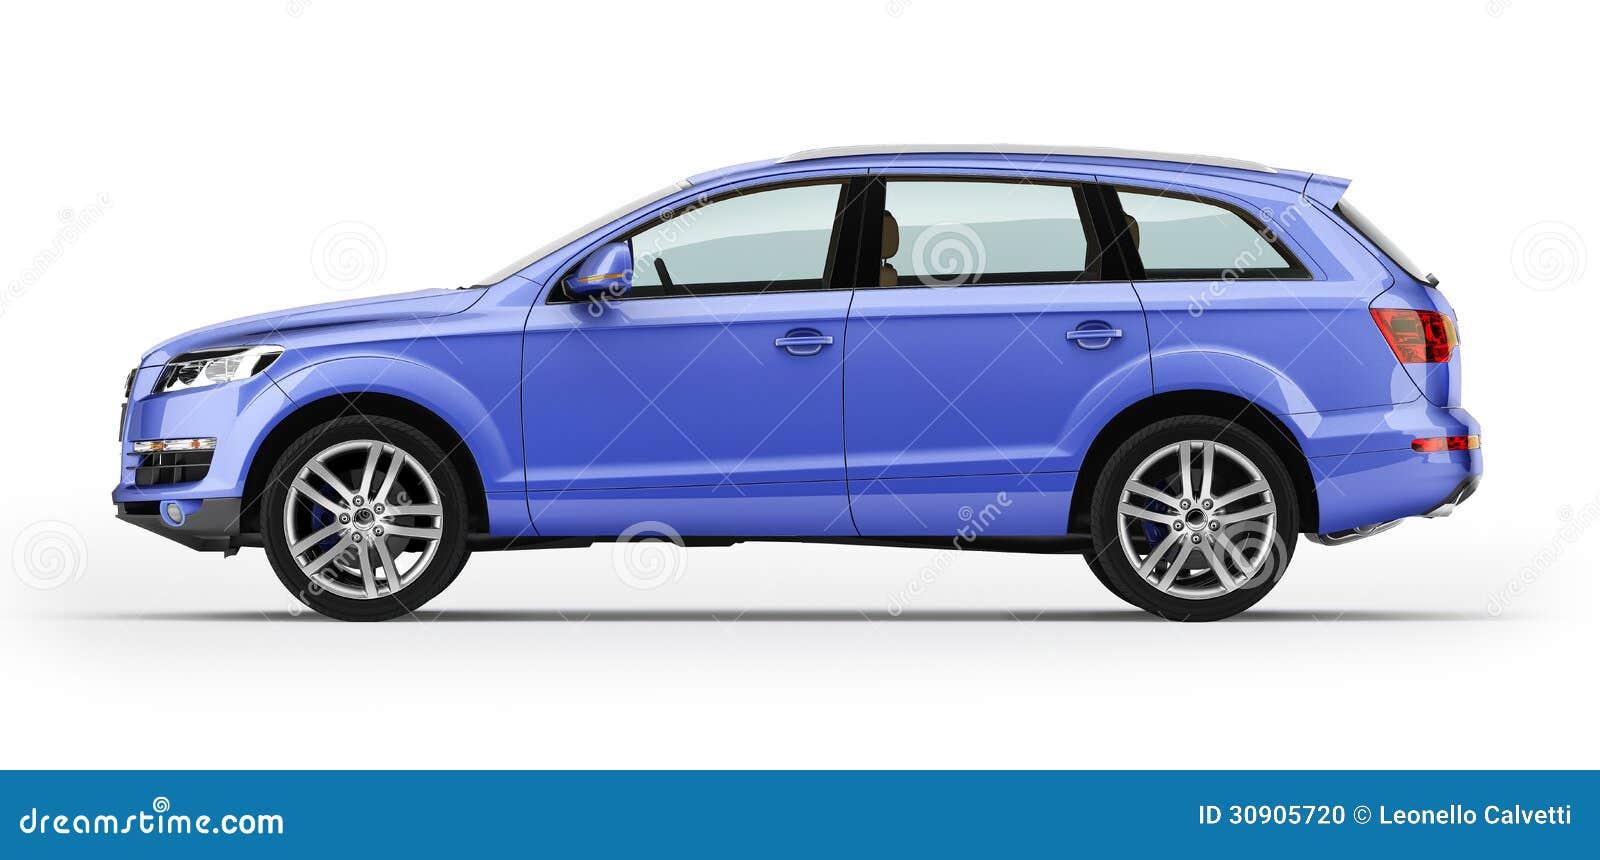 blauwe auto luxe suv ge soleerd op witte achtergrond stock foto afbeelding 30905720. Black Bedroom Furniture Sets. Home Design Ideas